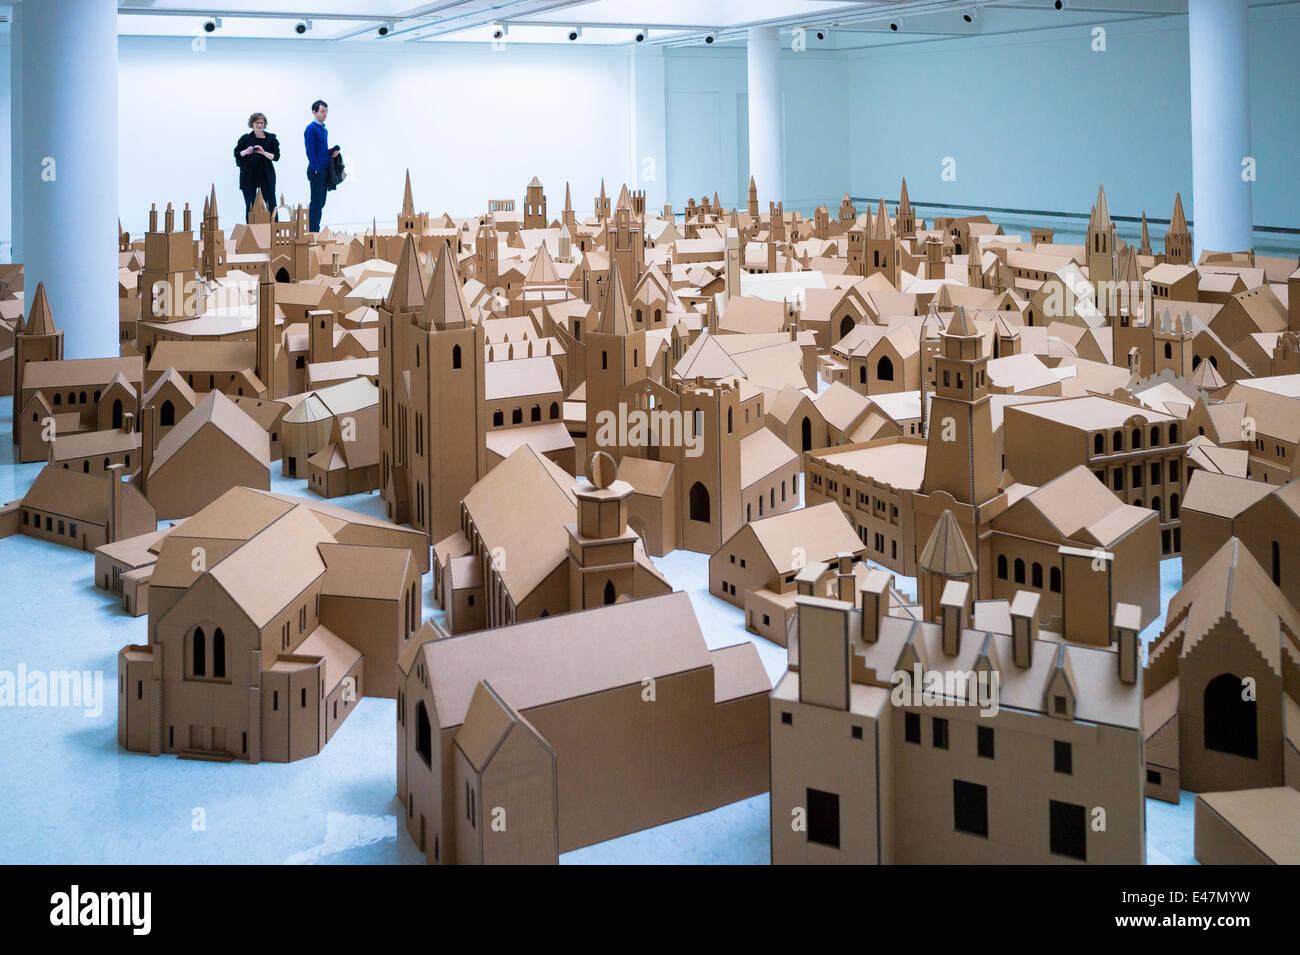 Les touristes vue 'Génération - 286 lieux de culte à Édimbourg' par Nathan Coley, dans Photo Stock